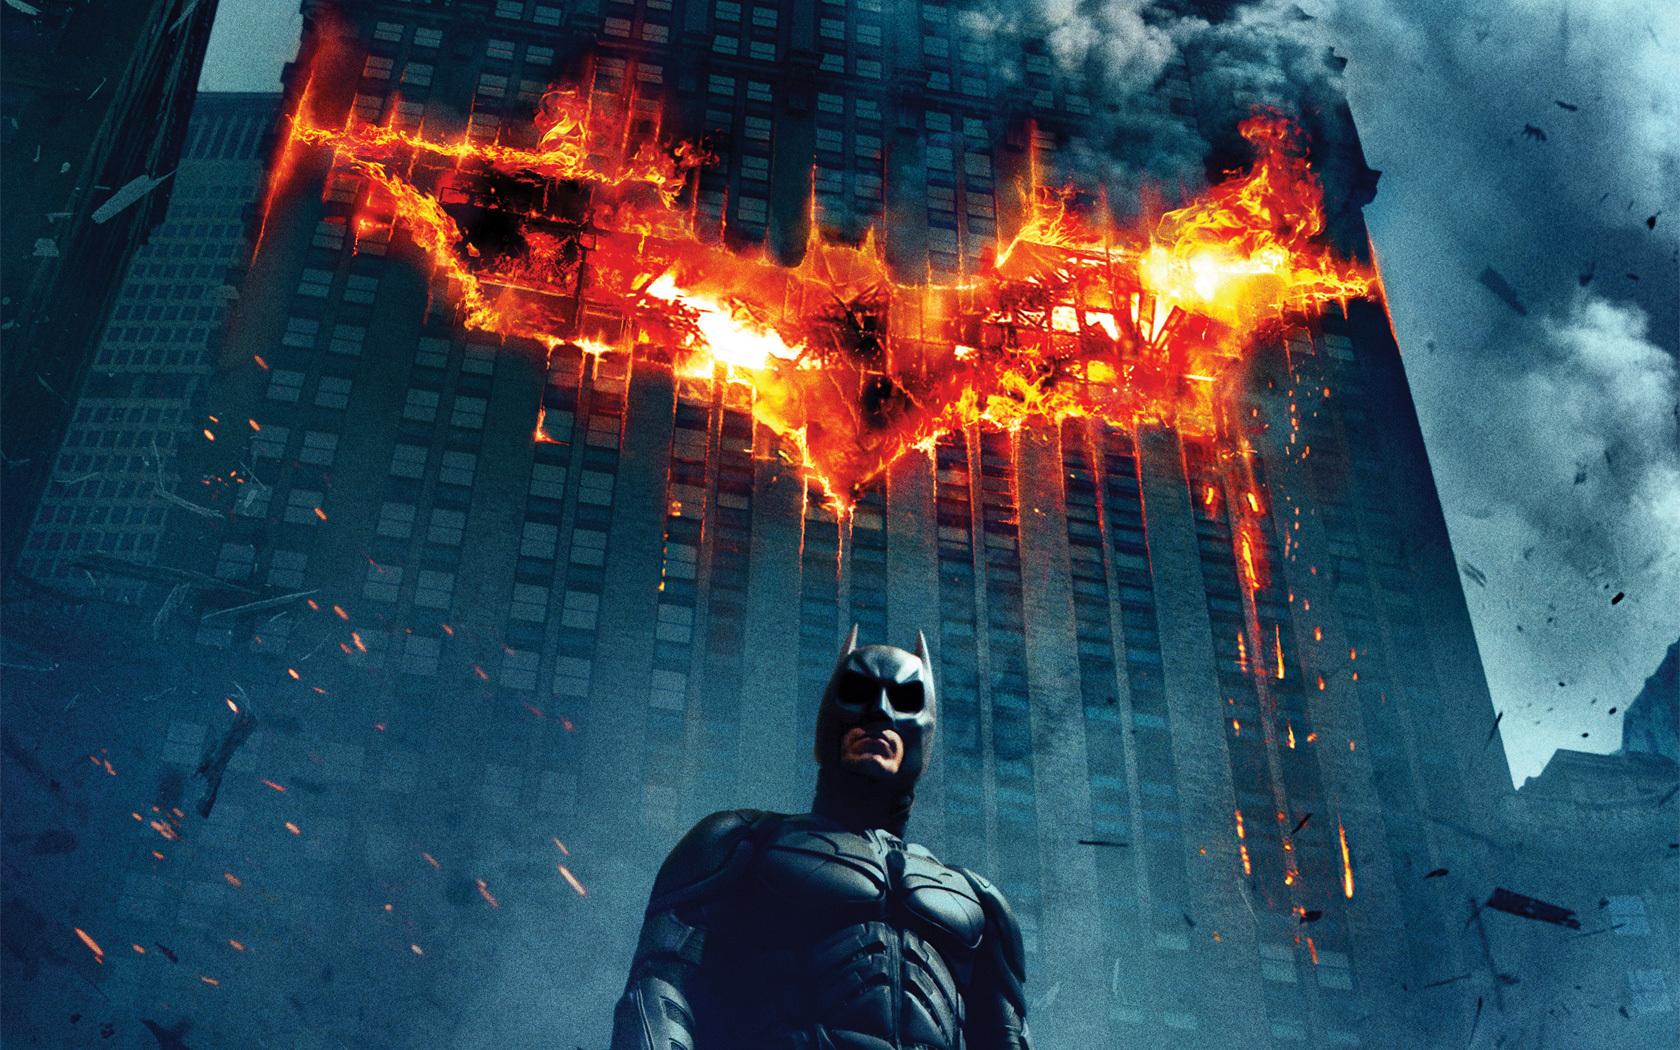 Wallpaper 1680x1050 Px Batman Fire Movies Skyscraper The Dark Knight 1680x1050 4kwallpaper 665256 Hd Wallpapers Wallhere